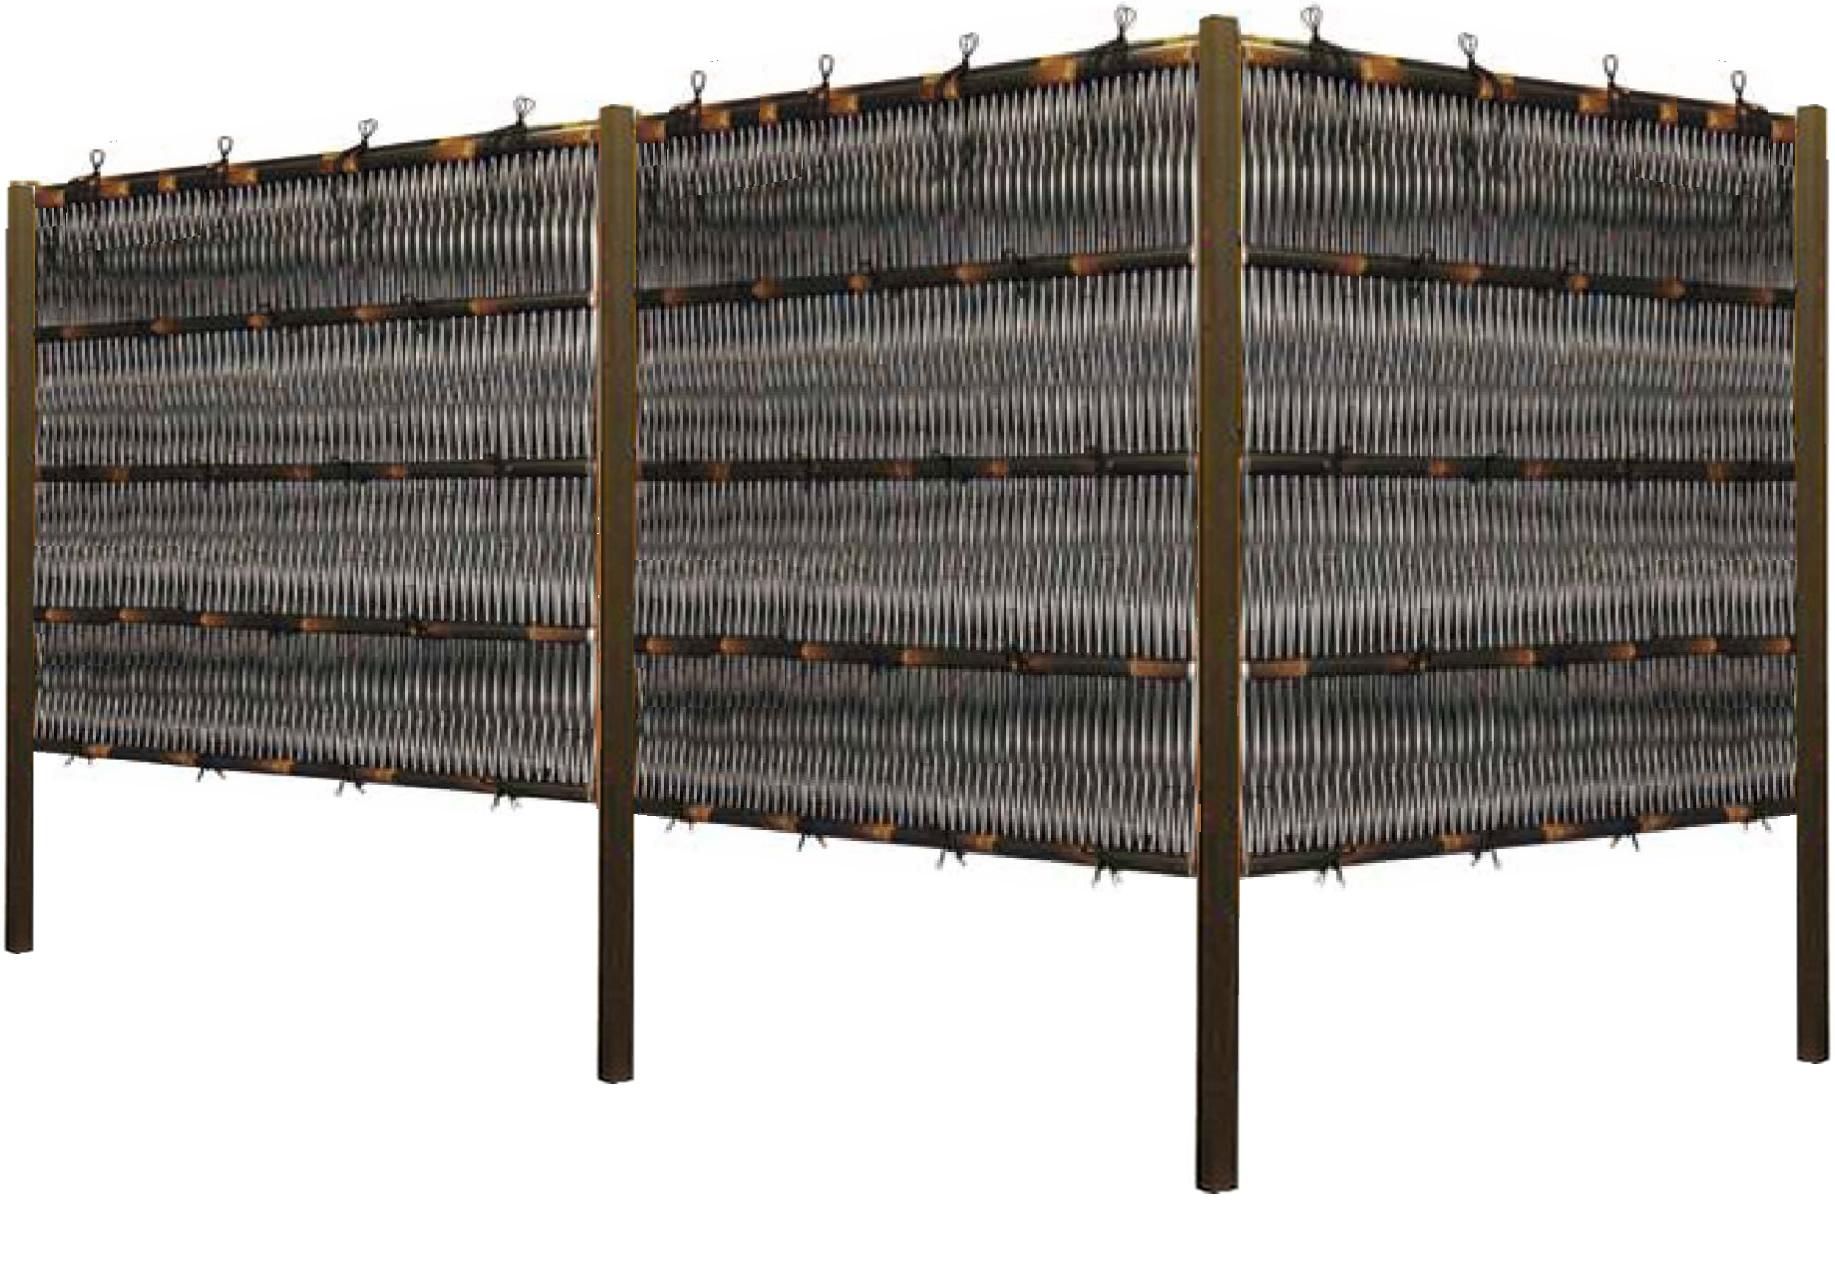 人工竹垣組立てセット「大津垣O3型柱見せタイプ(黒竹黒焼杉角柱)」